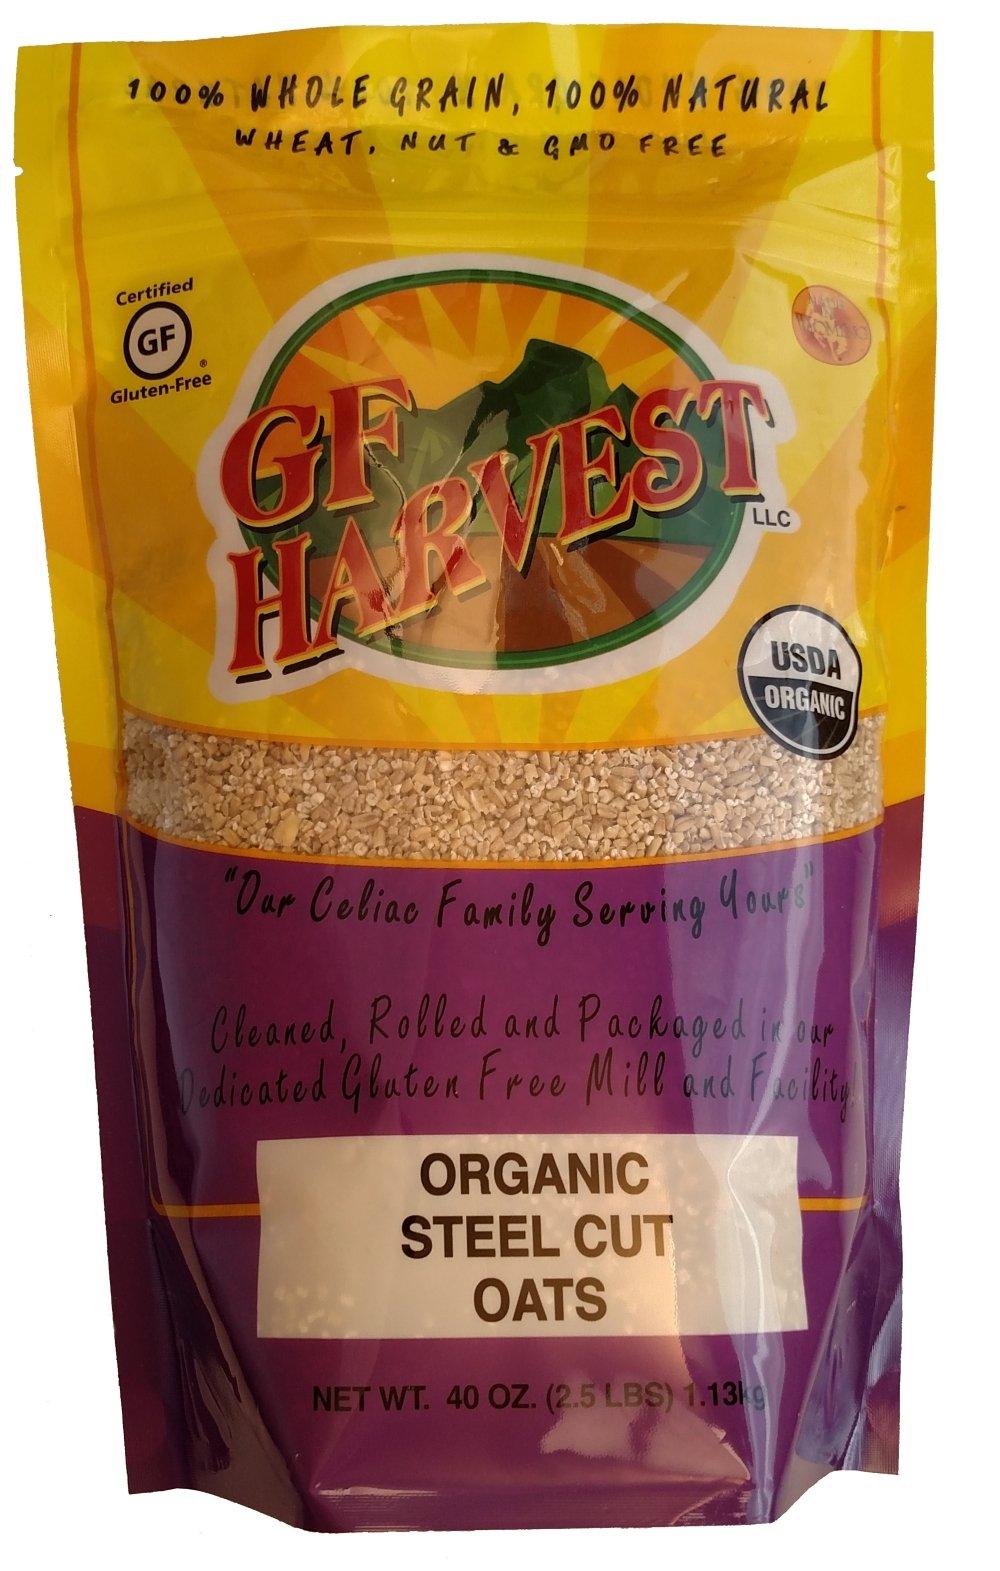 GF Harvest Gluten Free Certified Organic Whole Grain Steel Cut Oats, 40 Ounce by GF Harvest